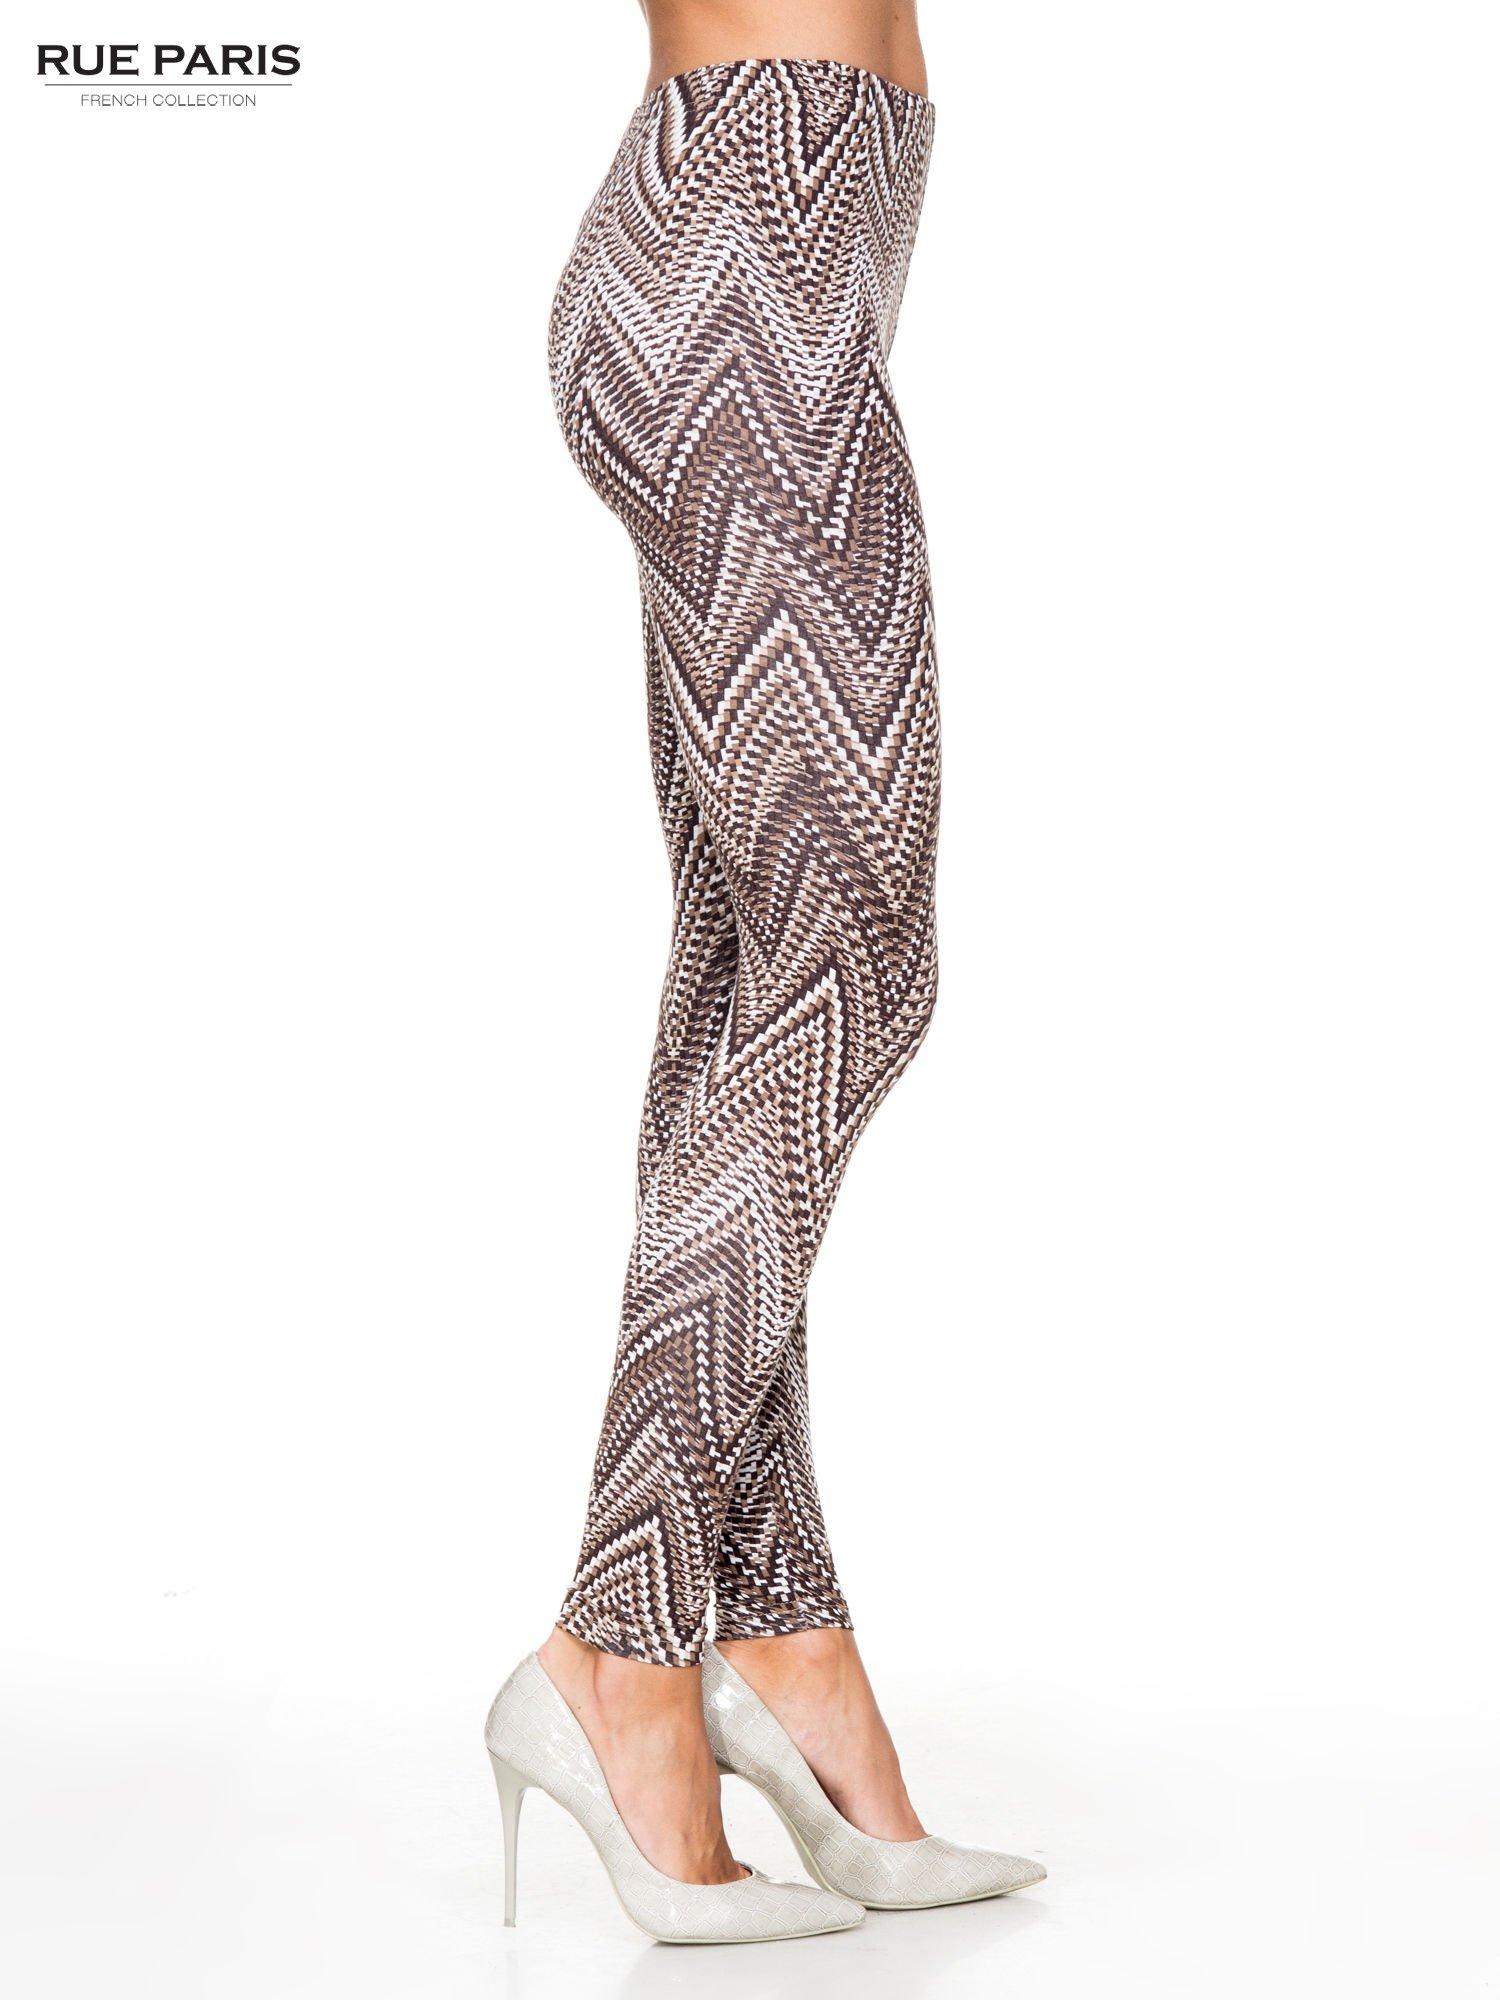 Brązowe legginsy z nadrukiem geometrycznym                                  zdj.                                  3